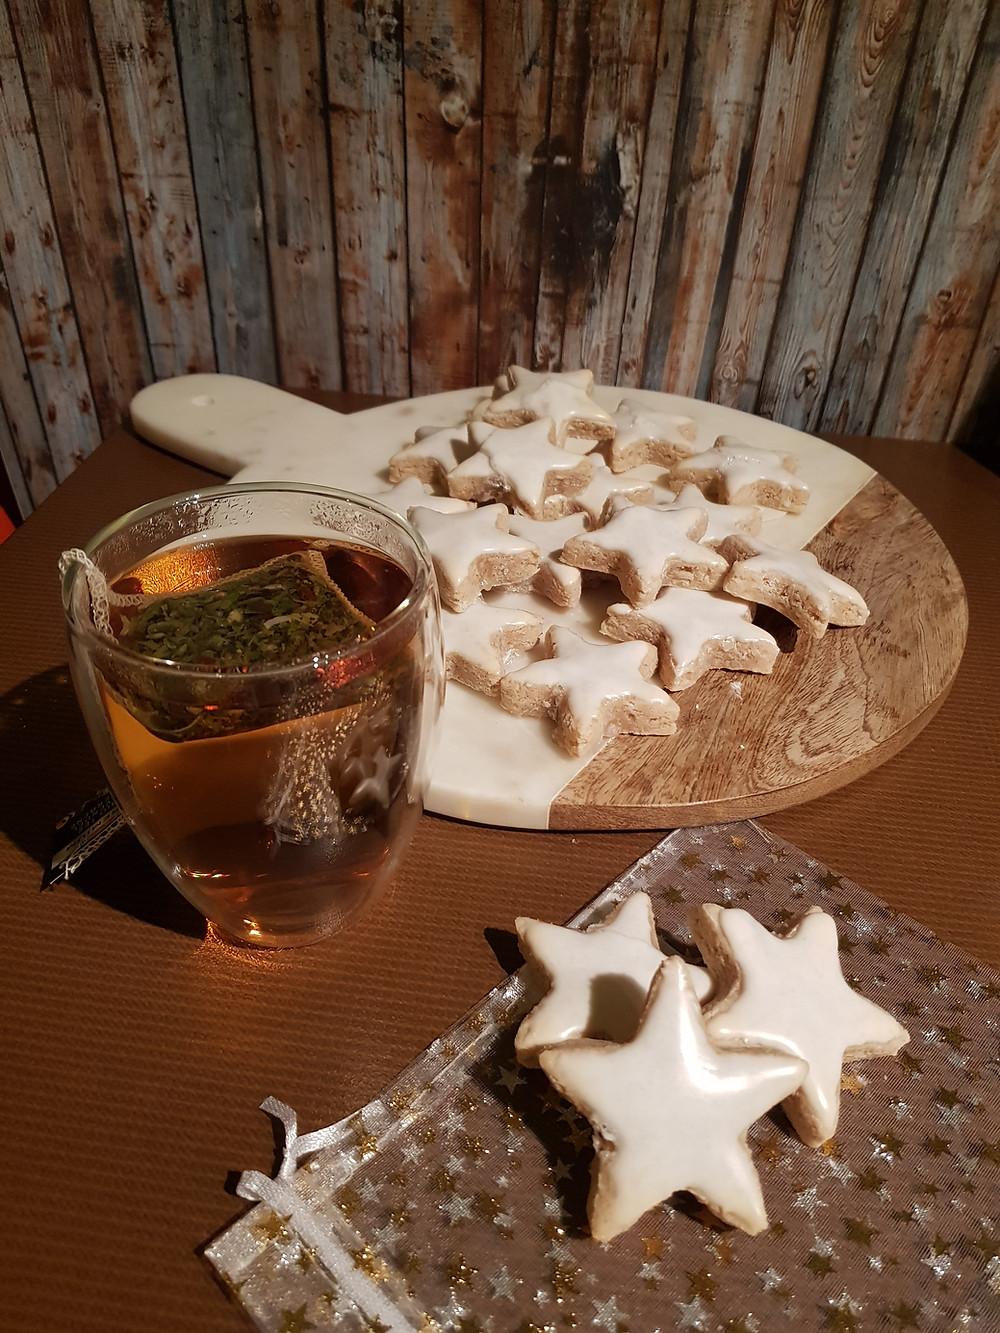 Zimtsterne, Gebäck, Weihnachten, Weihnachtszeit, Weihnachtsbäckerei, Sterne, backen, gemütlich, leckeres Gebäck, saftig, beste, Rezept,